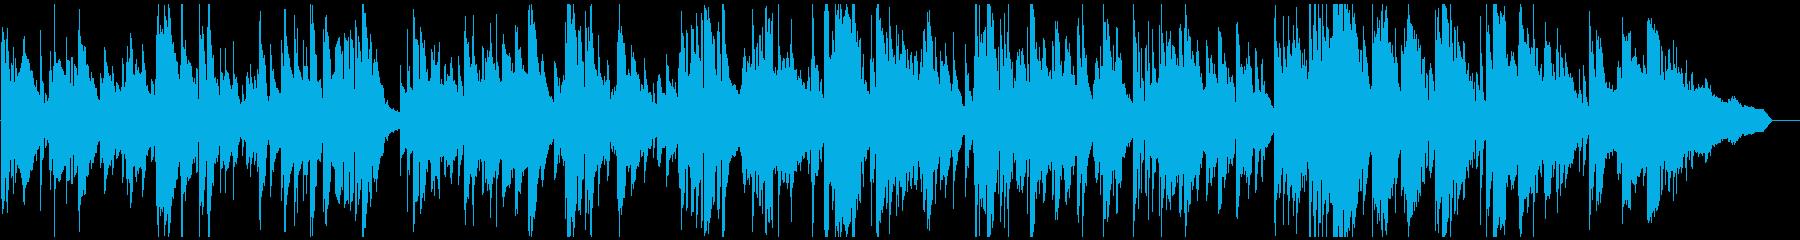 ソフトでスウィートな音色のスロージャズの再生済みの波形